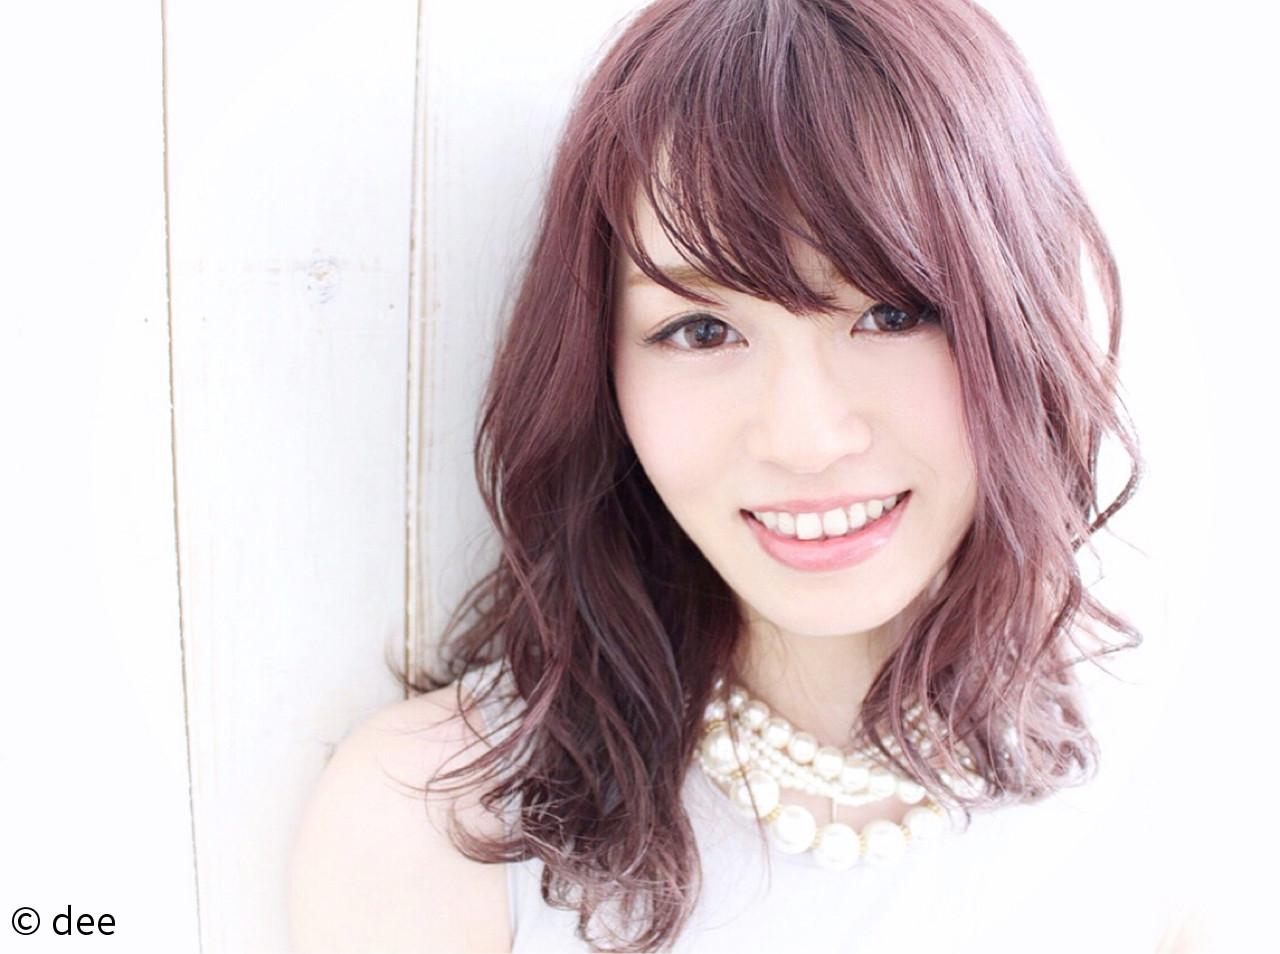 パープル ウェットヘア フェミニン ピンク ヘアスタイルや髪型の写真・画像